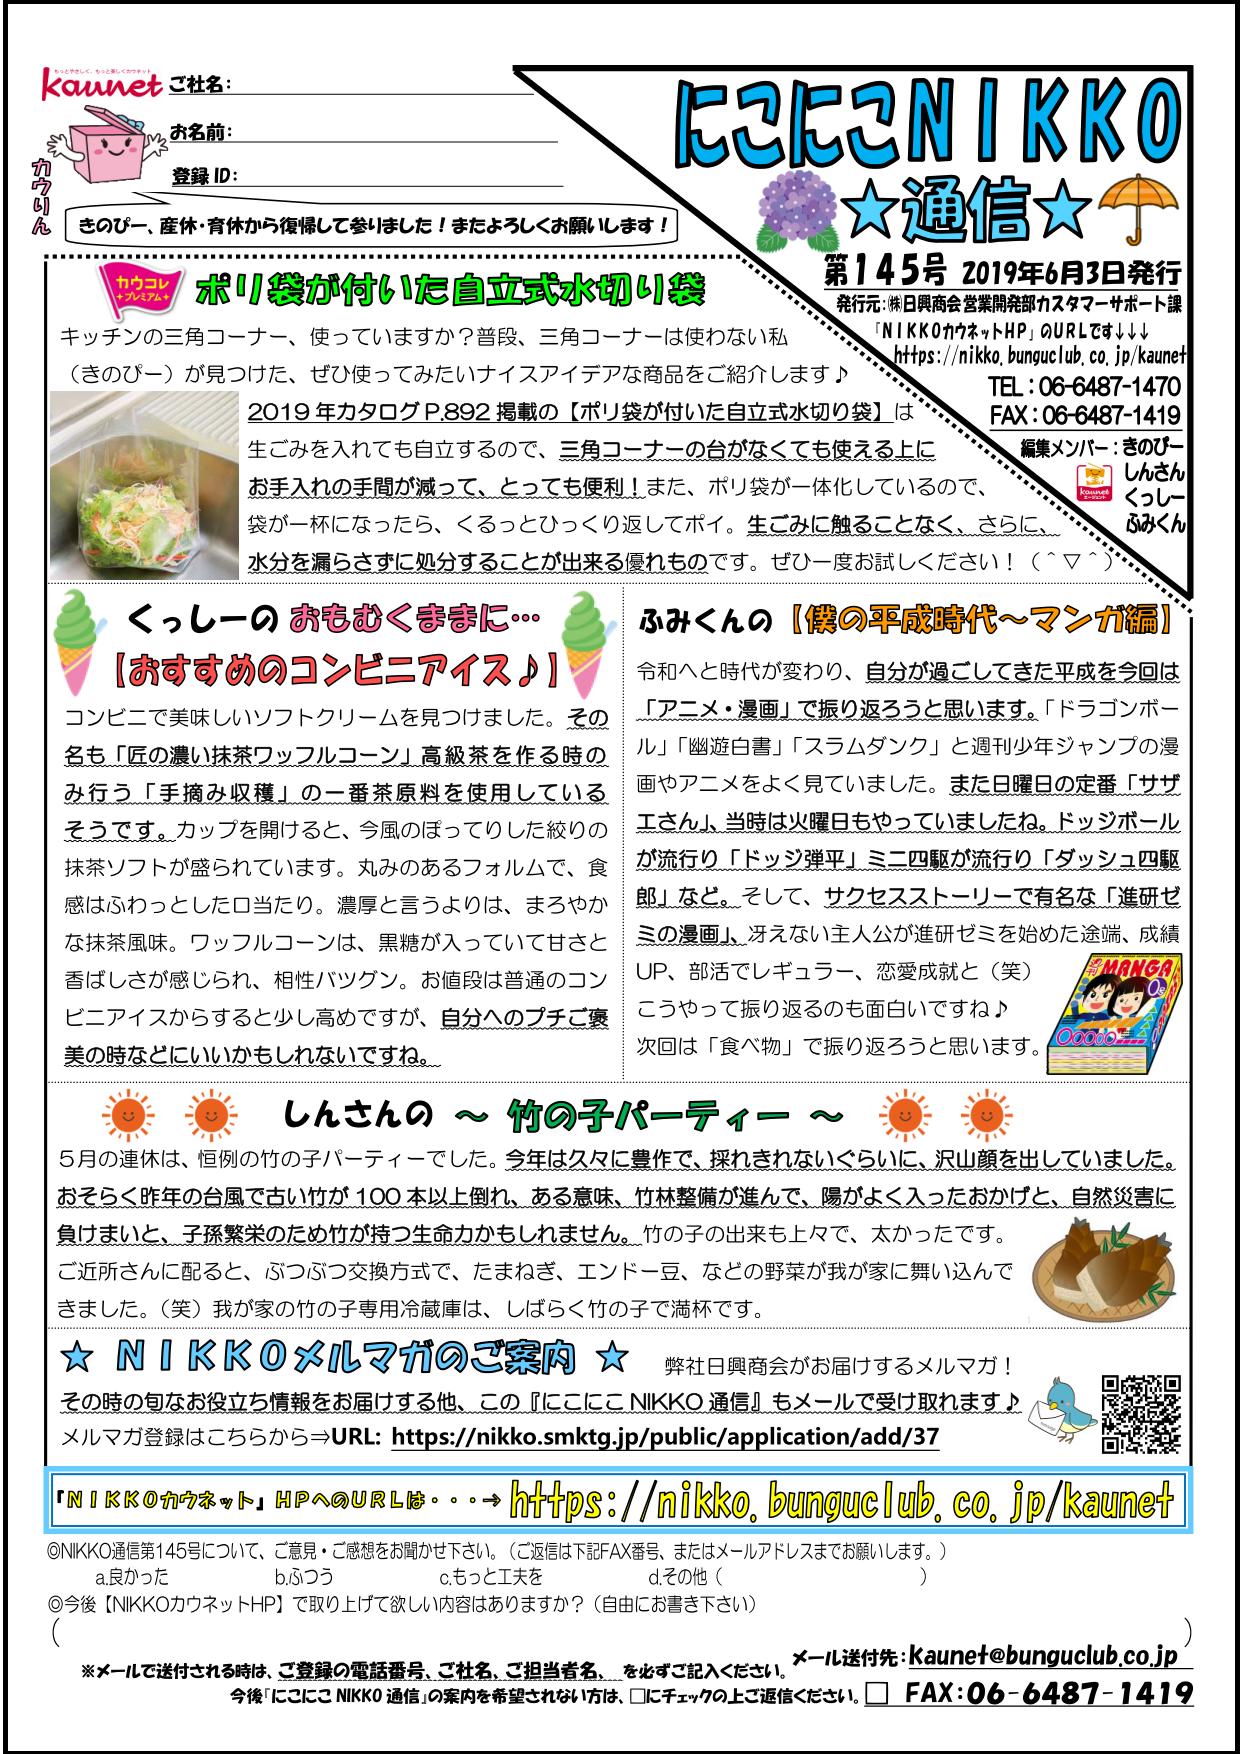 201906月発行第145回NIKKOレター-ii